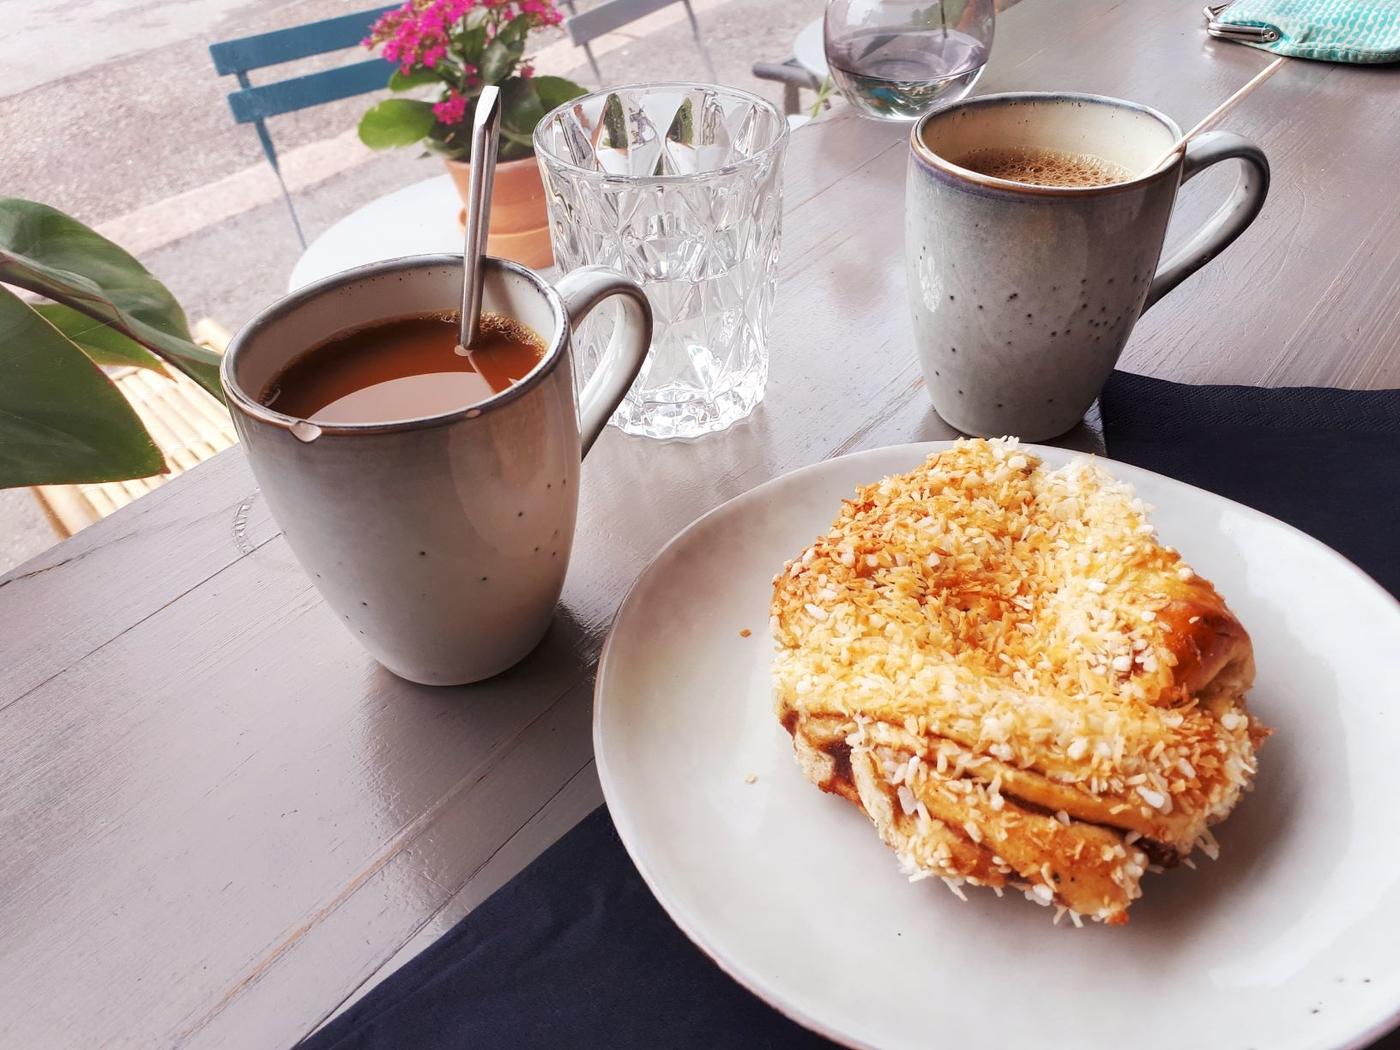 Parhaat kahvilat Helsingissä